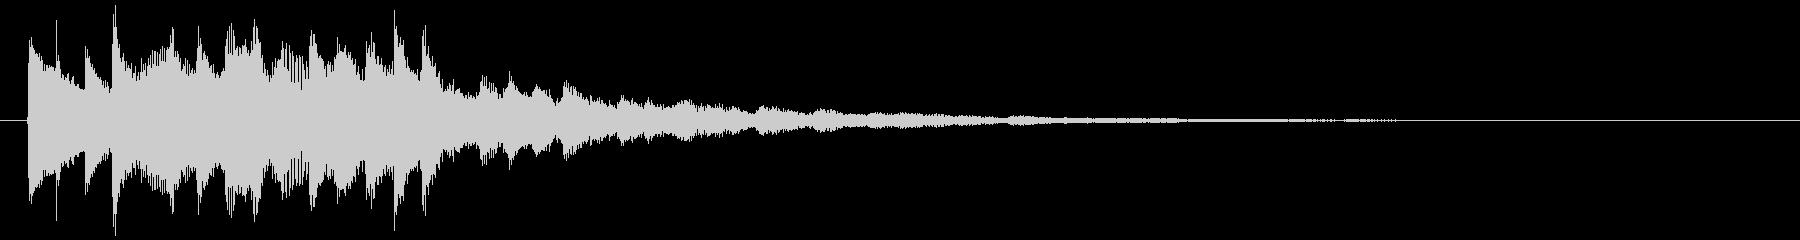 幻想的なジングルの未再生の波形